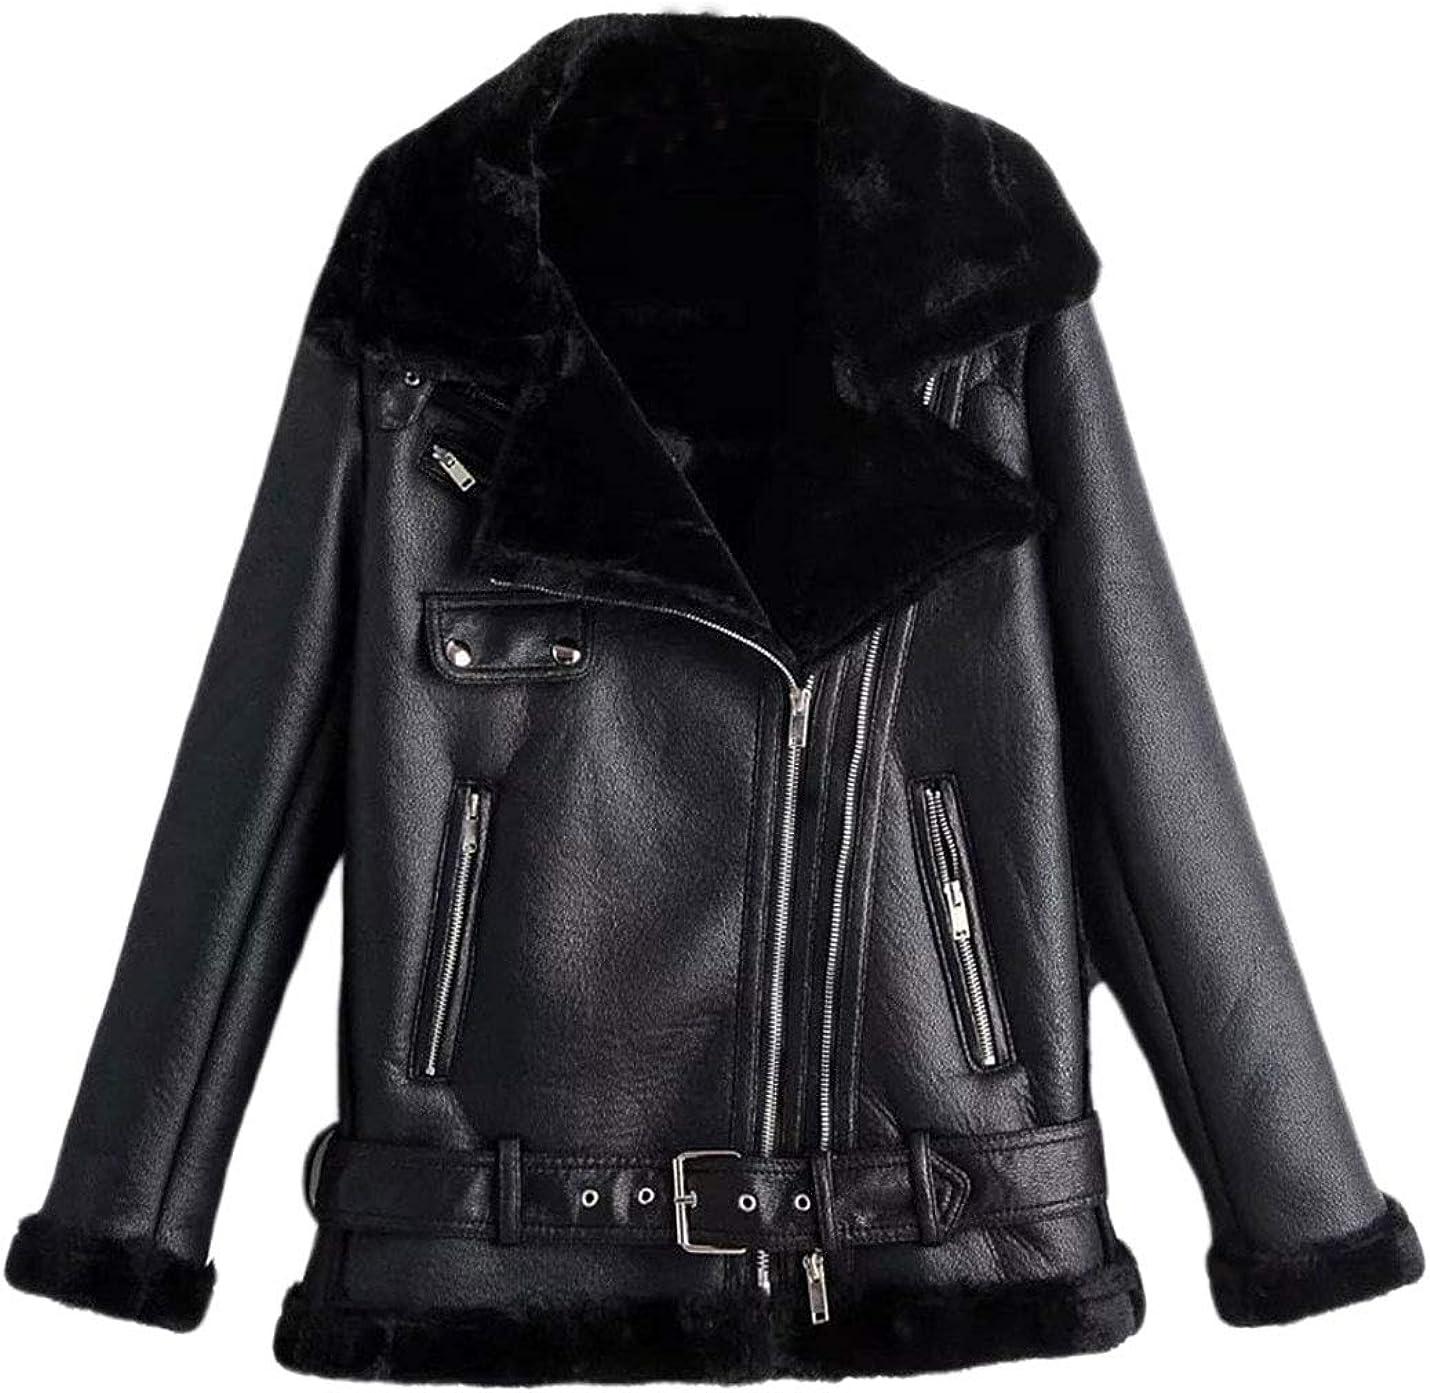 Lentta Womens Casual Slim Fleece Lined Faux PU Leather Lapel Trucker Moto Jackets